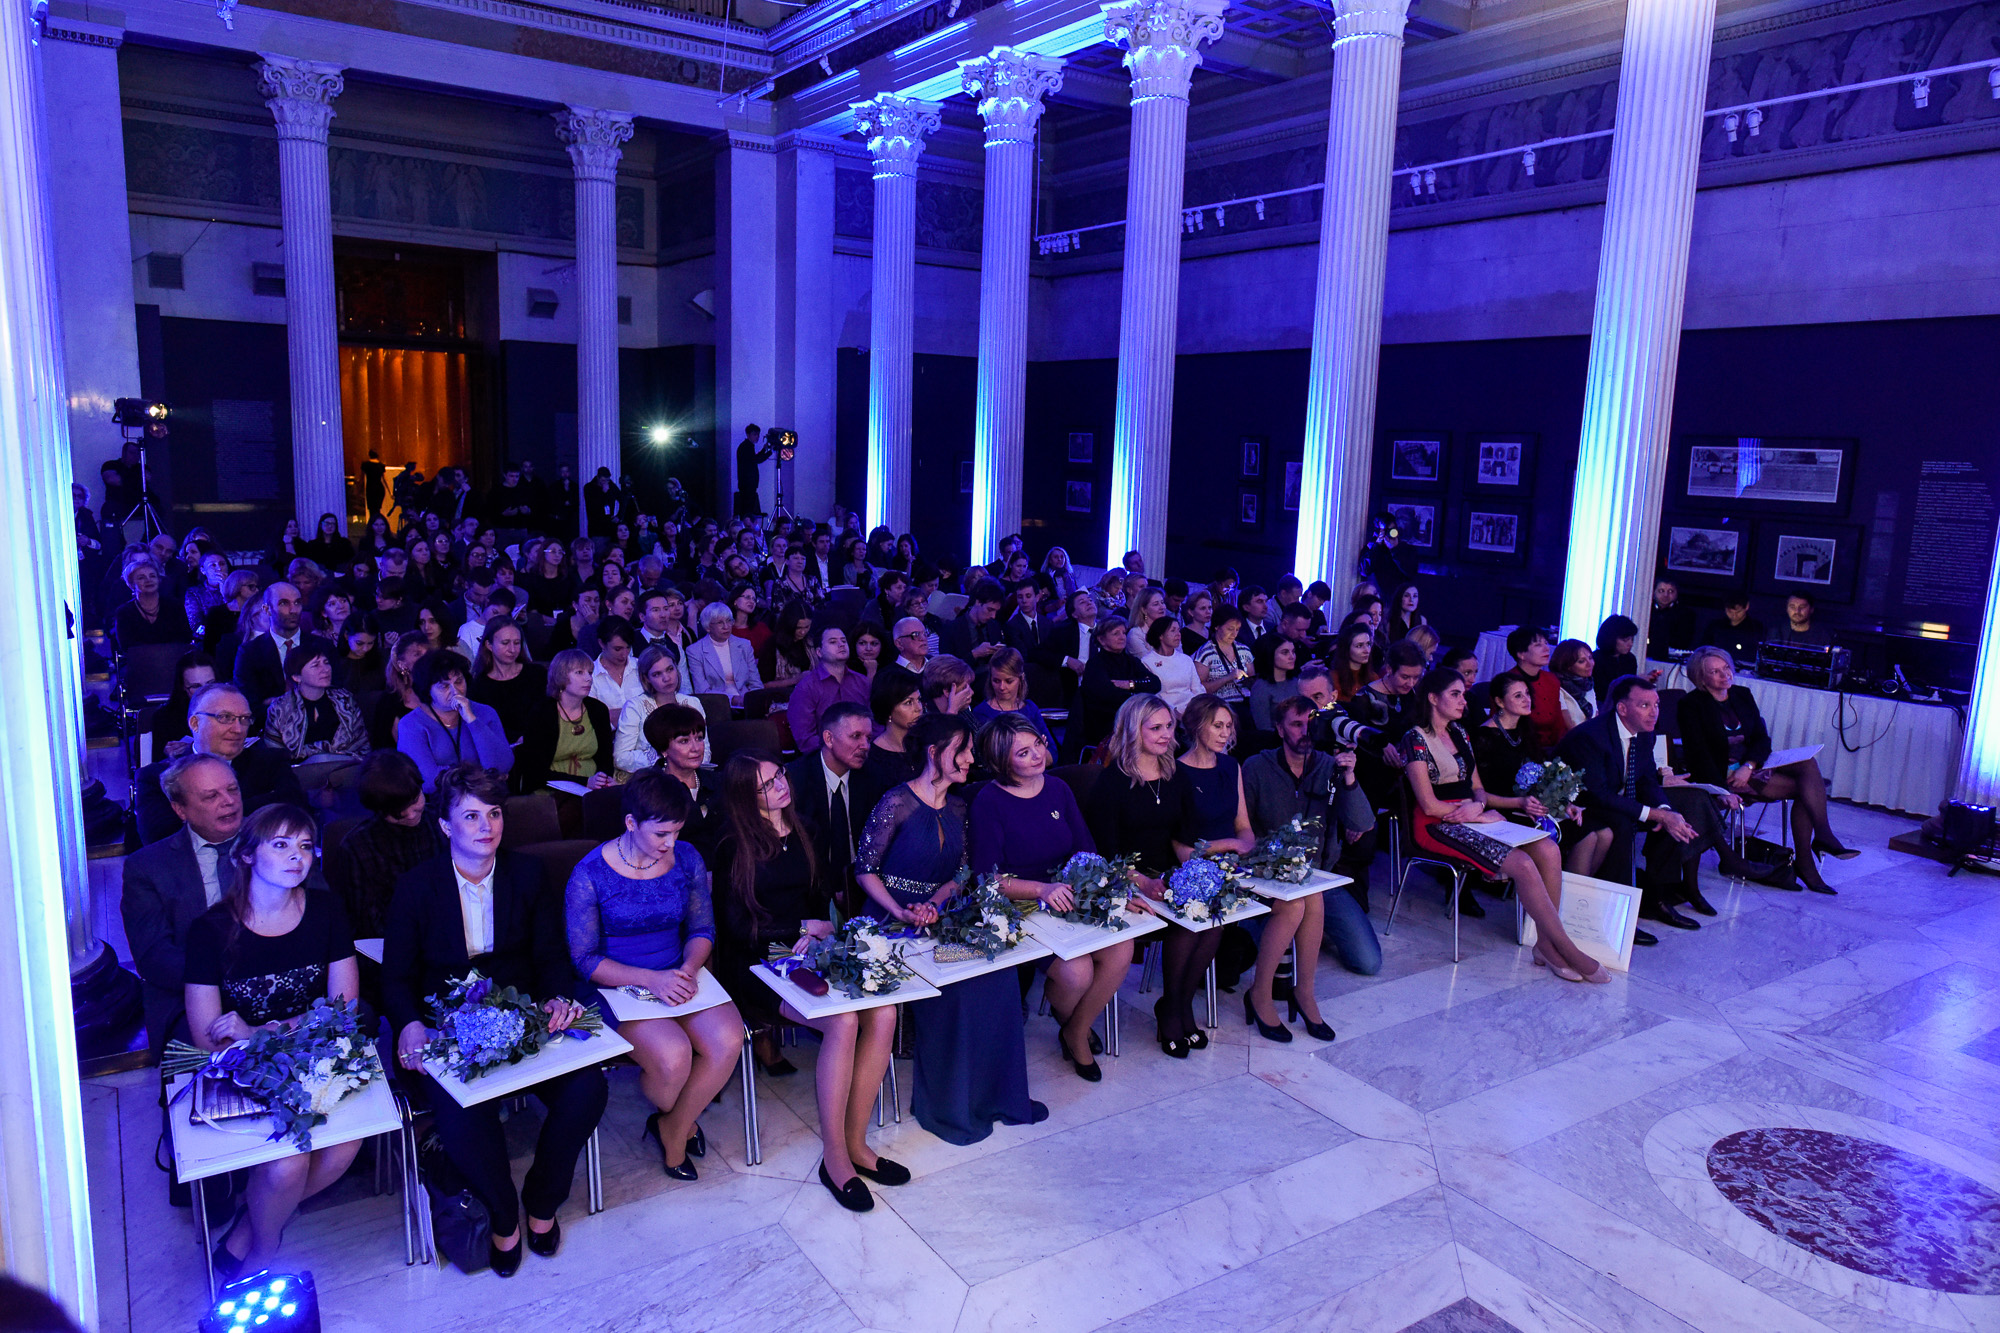 10-я юбилейная церемония вручения национальных стипендий L'ORÉAL-UNESCO «Для женщин в науке»